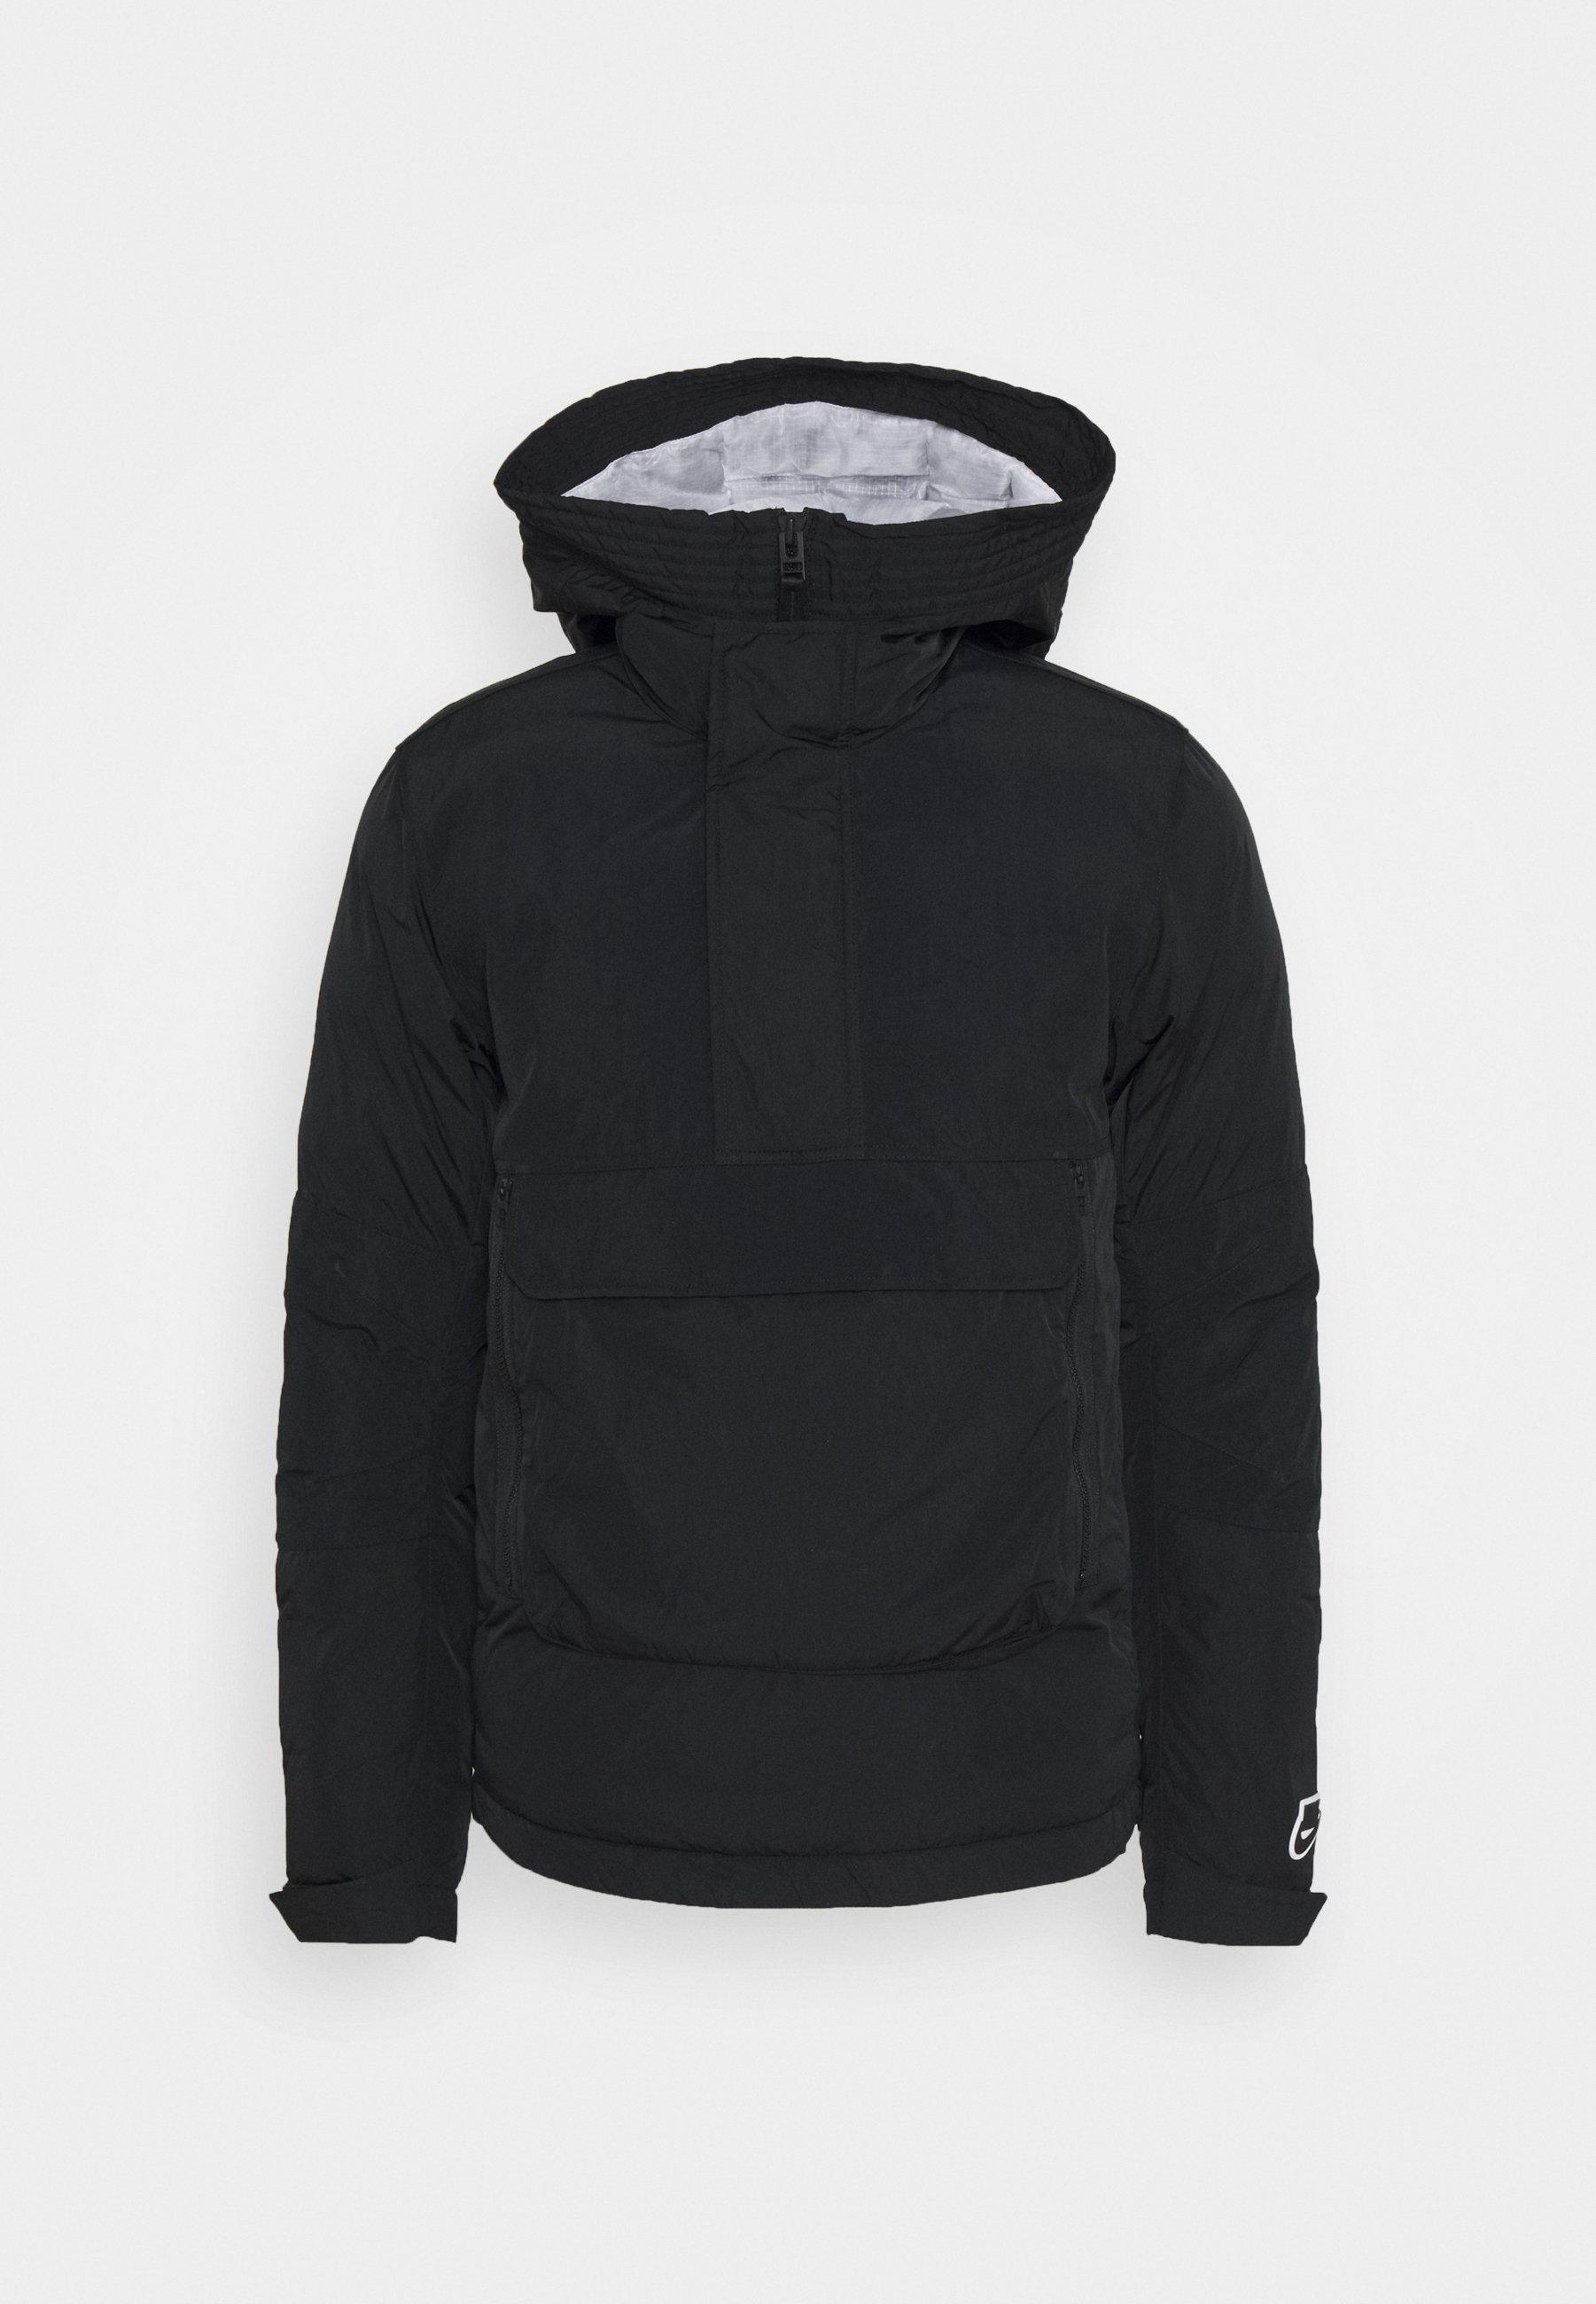 Nike Sportswear Veste d'hiver - black - ZALANDO.